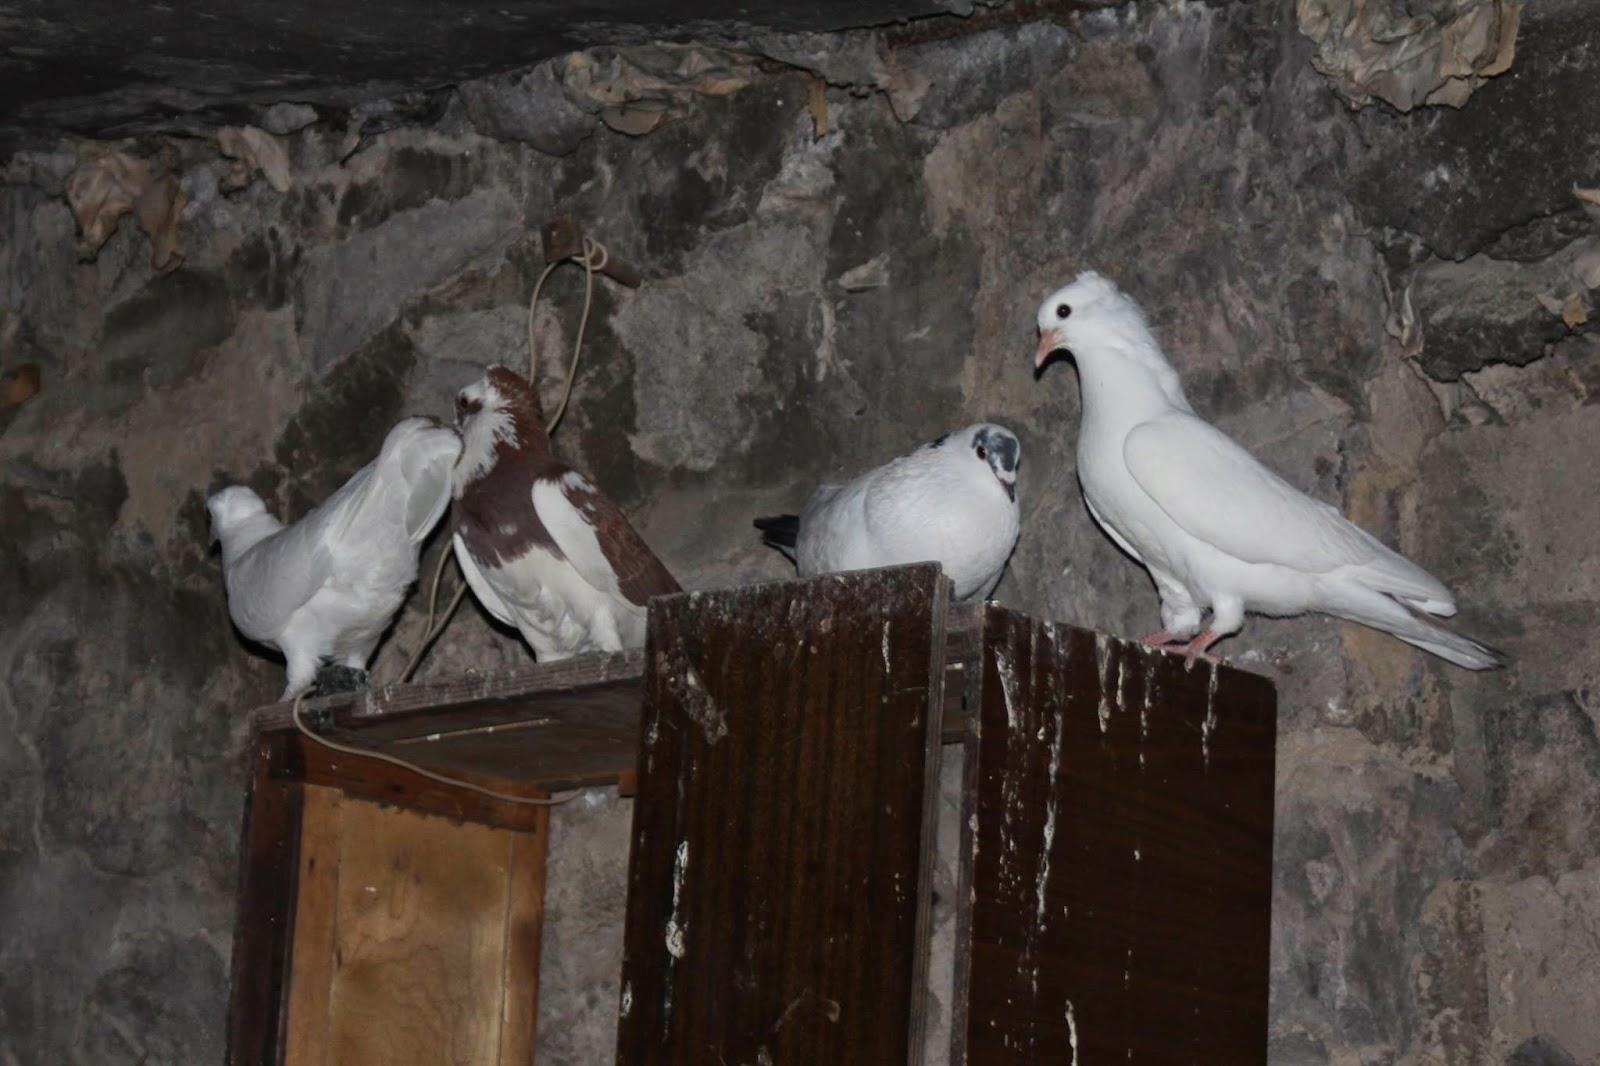 Աղունիկները՝ ավտոտնակում